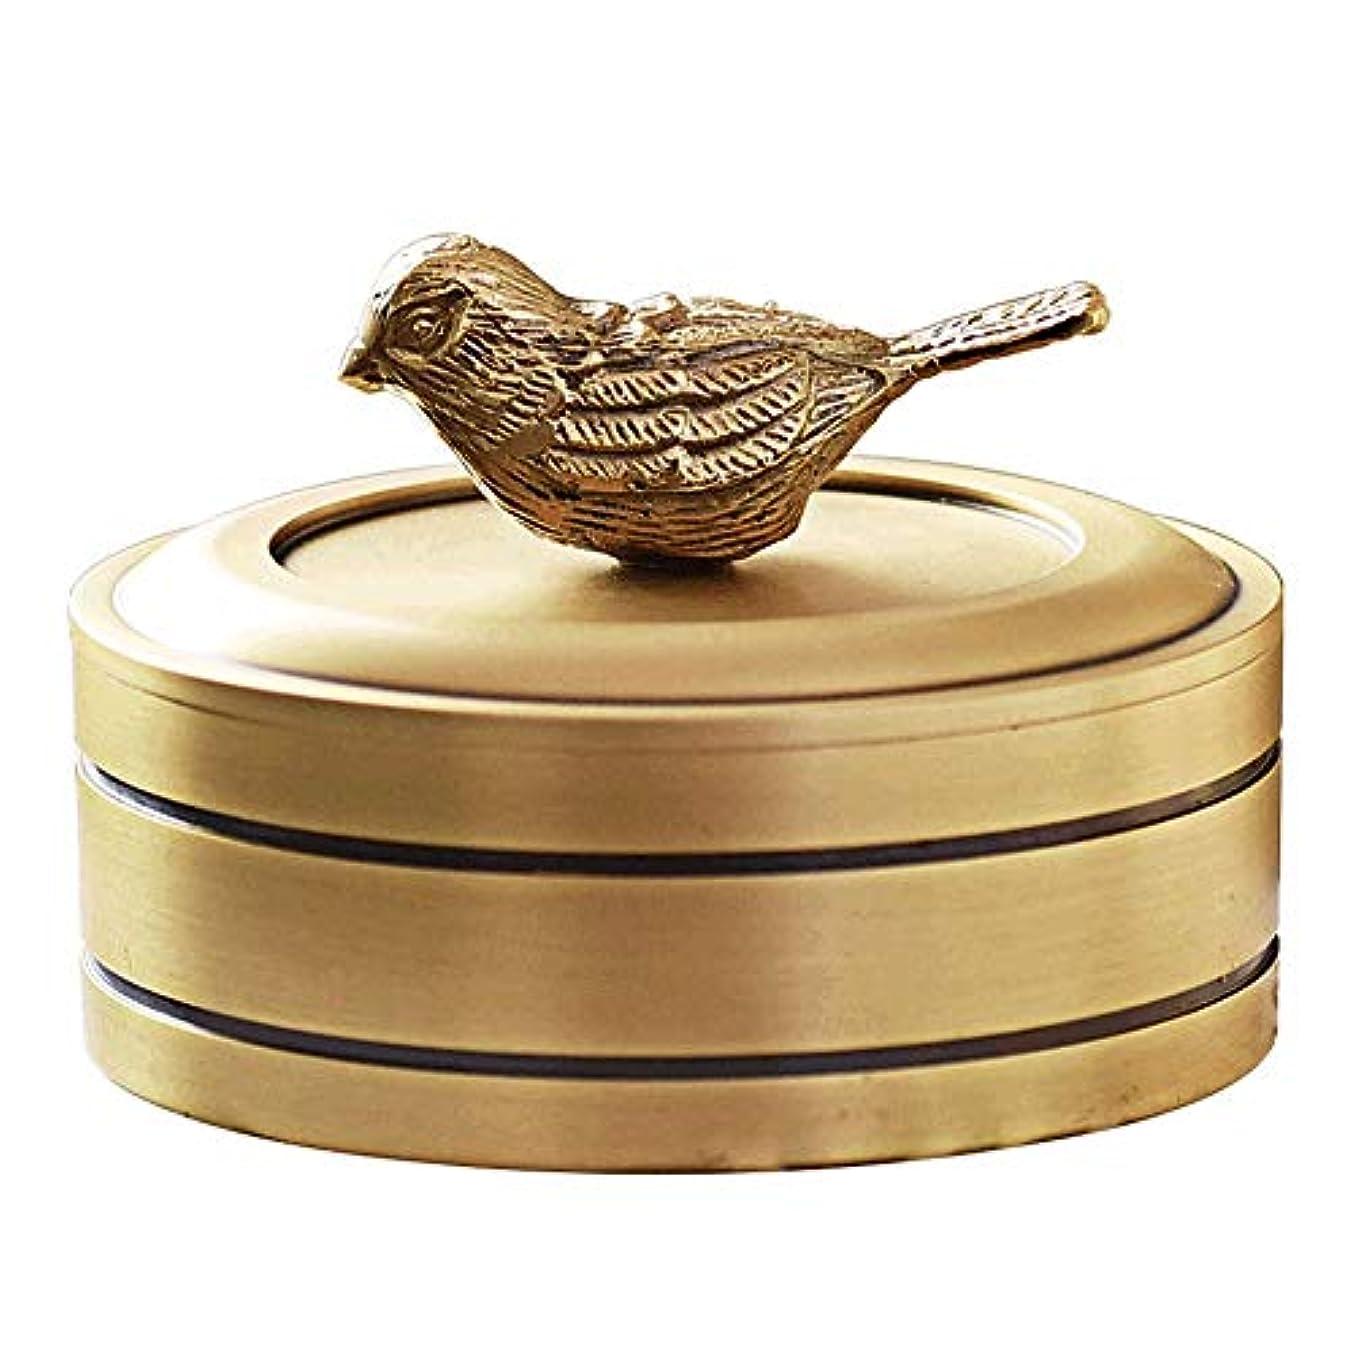 ジョージエリオット配列小学生銅の宝石箱ファッションギフトリビングルームホームデコレーション装飾品でカバー純粋な銅灰皿